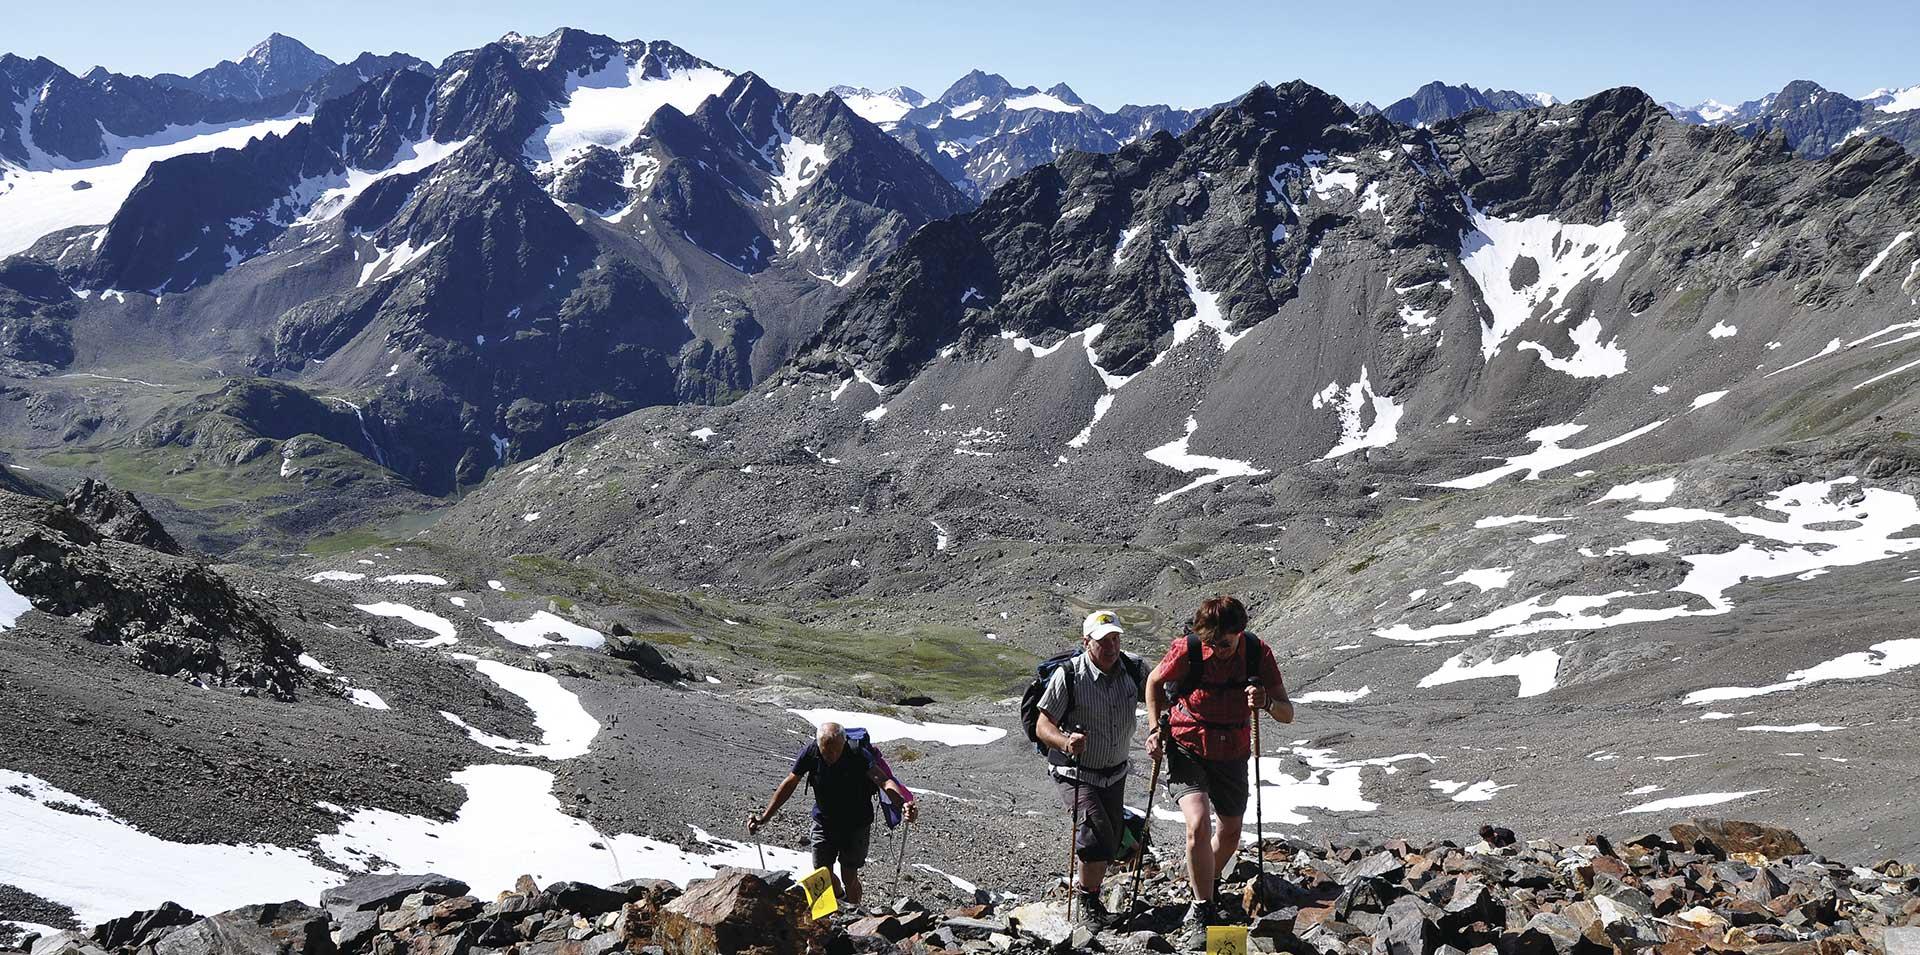 laeng_gletscherpanoramamarsch_08_09